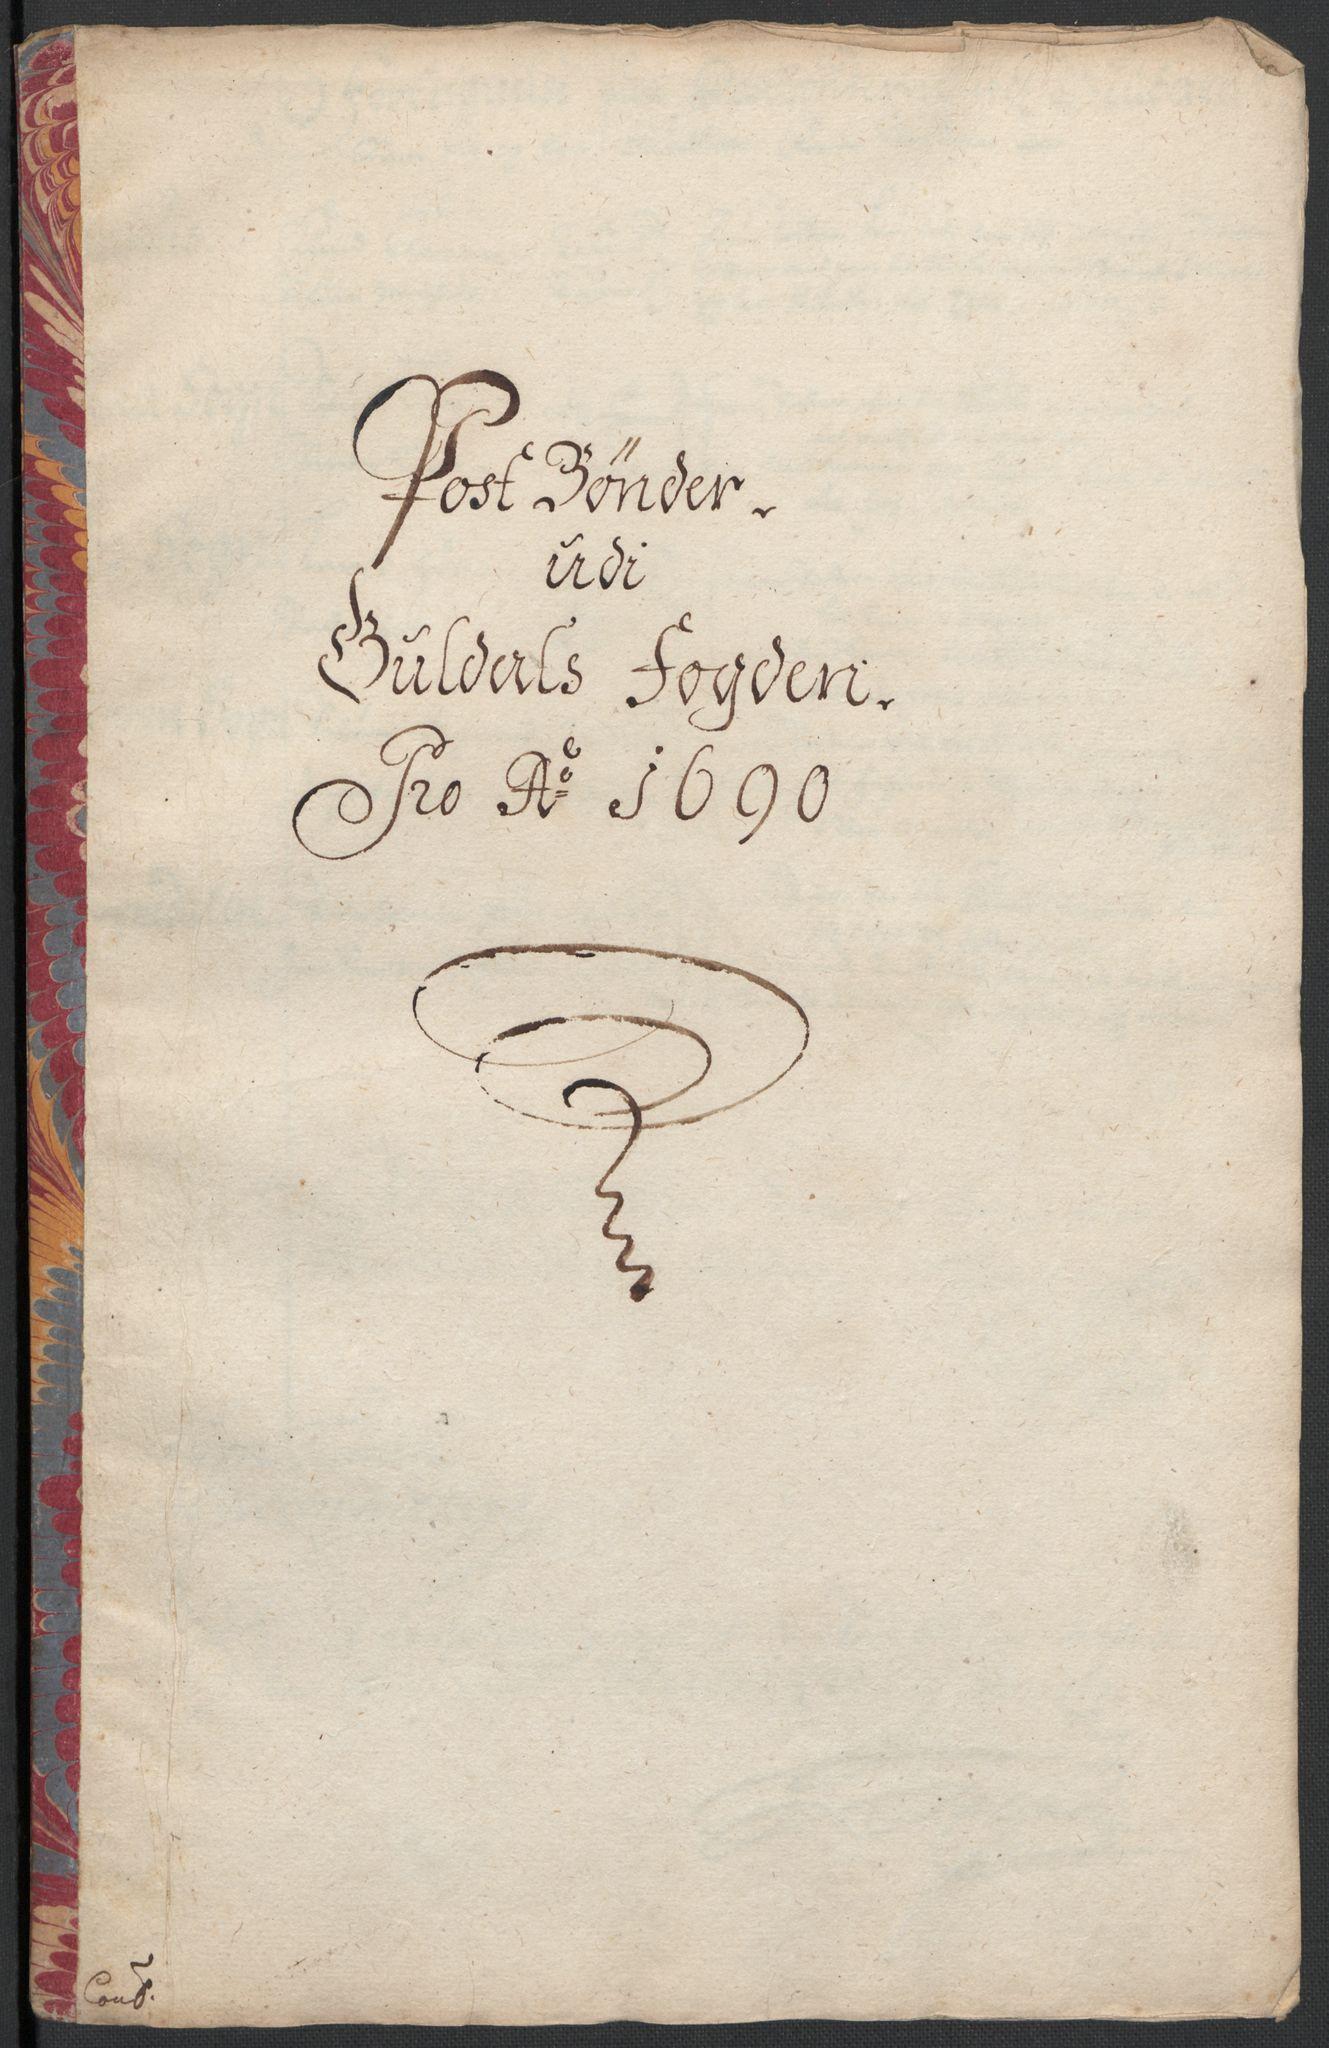 RA, Rentekammeret inntil 1814, Reviderte regnskaper, Fogderegnskap, R59/L3940: Fogderegnskap Gauldal, 1689-1690, s. 400